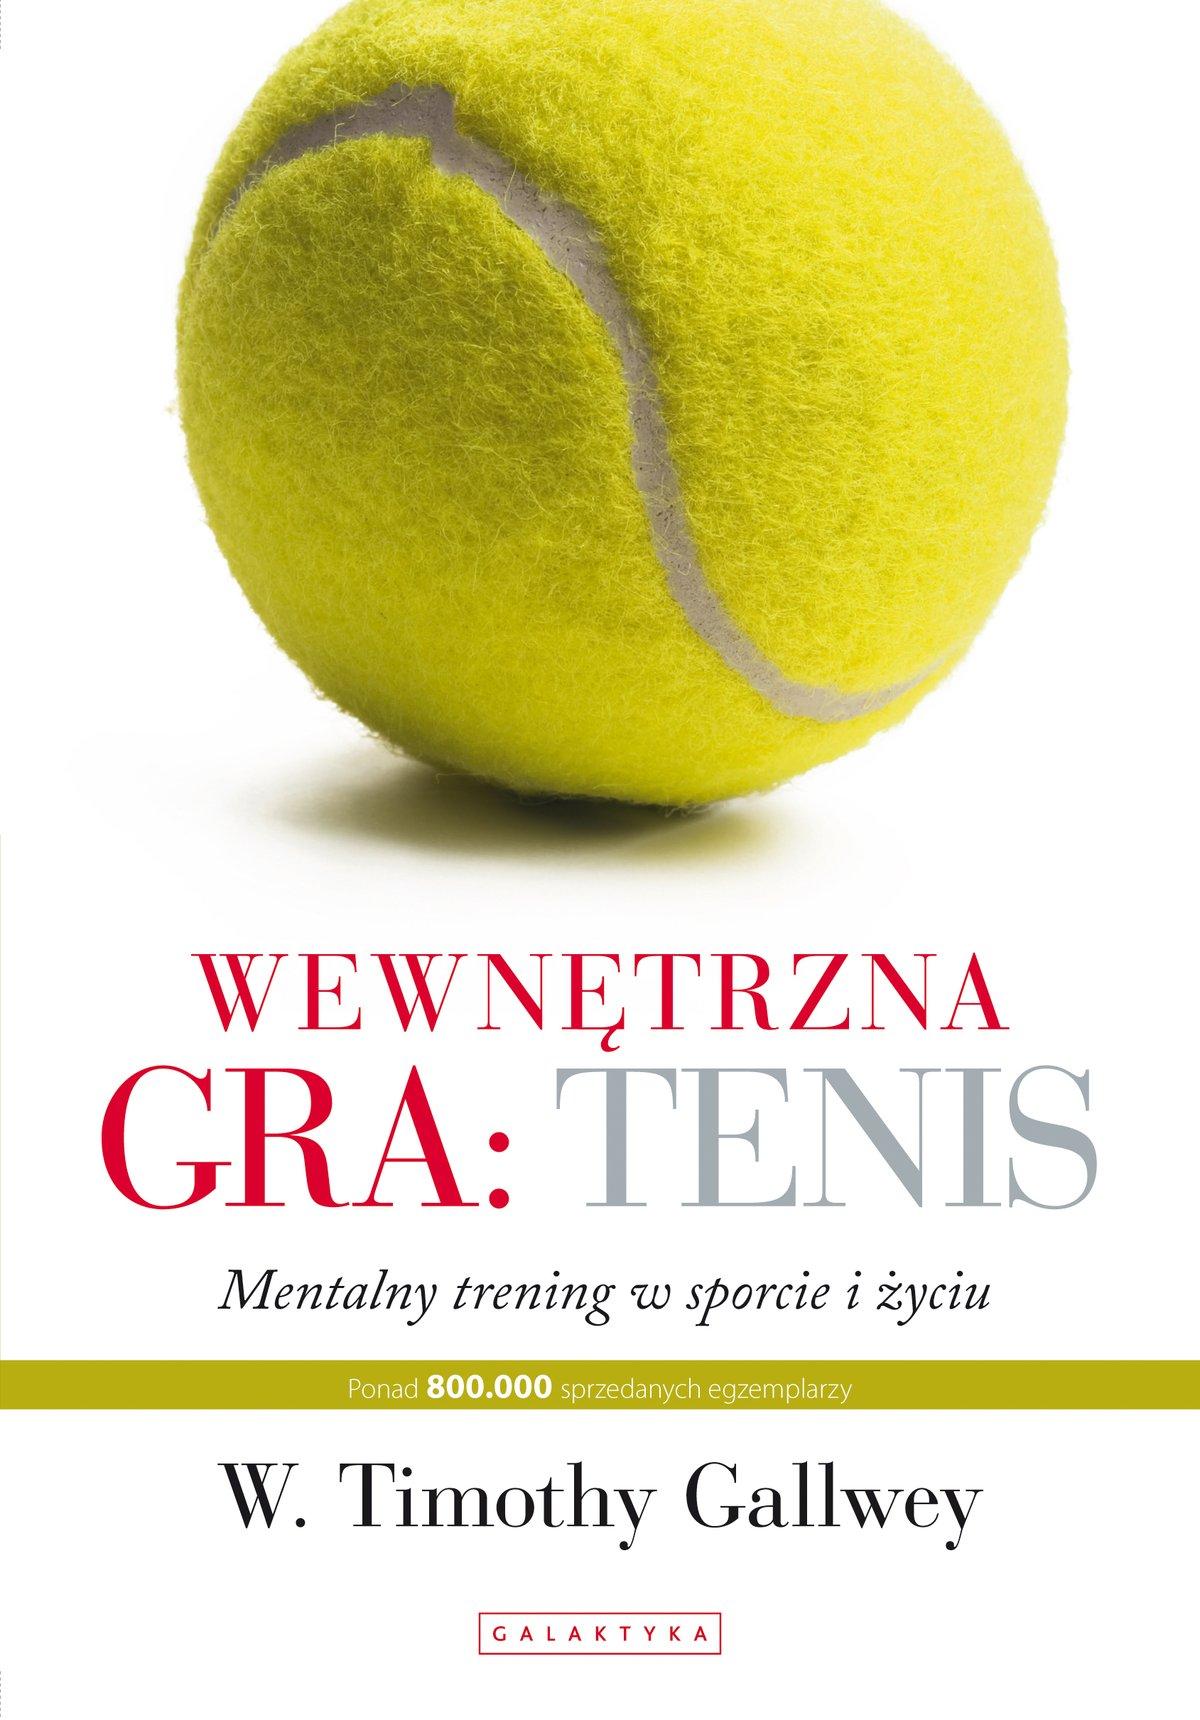 Wewnętrzna gra: tenis - Ebook (Książka na Kindle) do pobrania w formacie MOBI